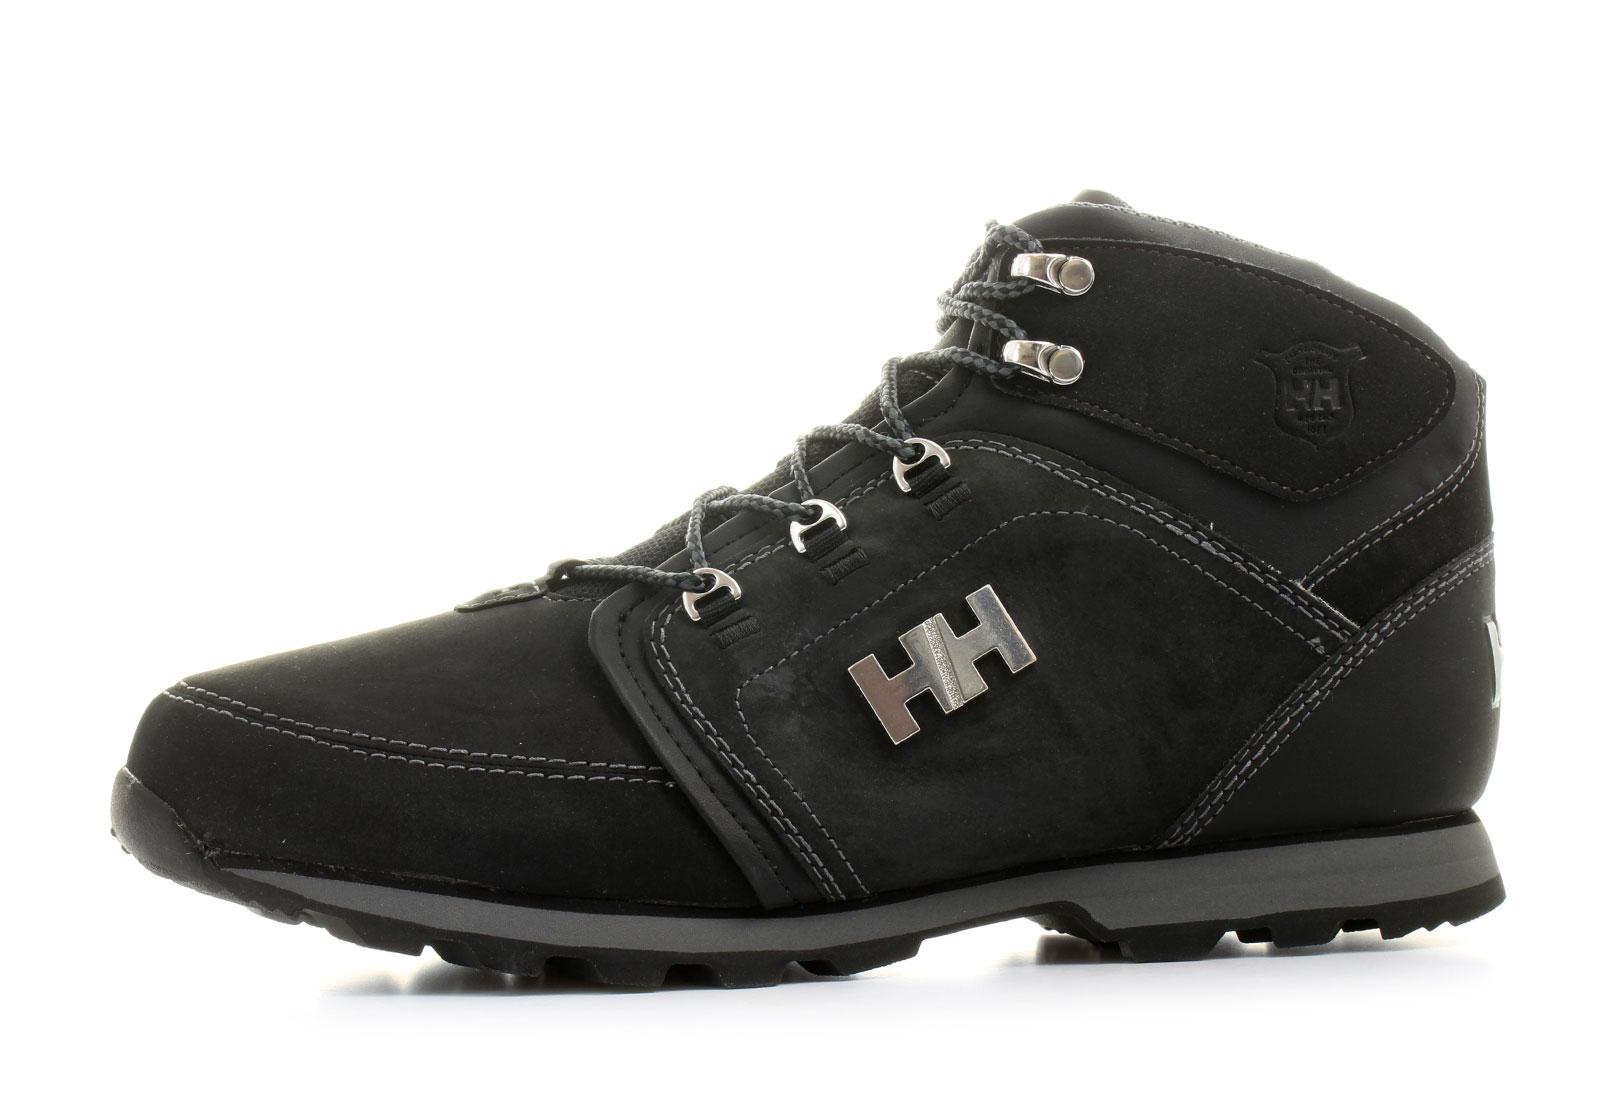 4f0a680003de Helly Hansen Bakancs - Koppervik - 10990-991 - Office Shoes Magyarország